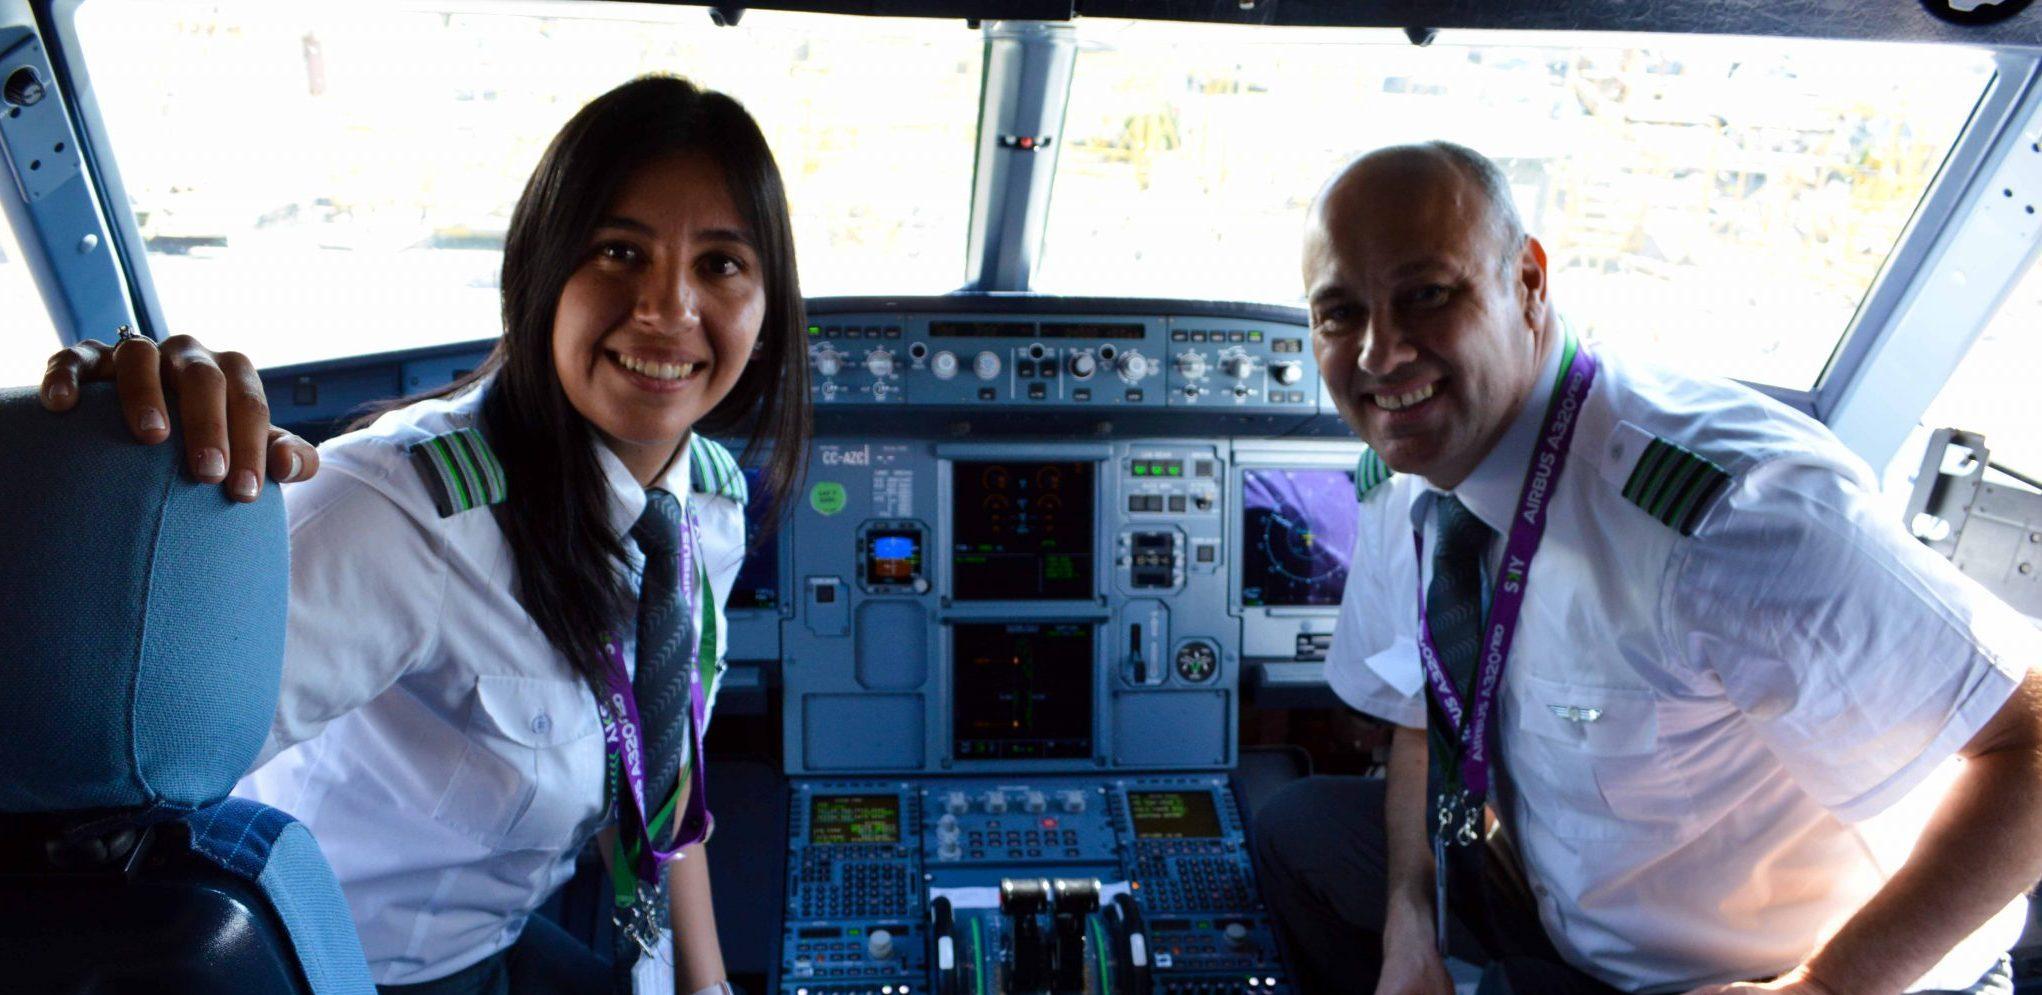 SKY se compromete a aumentar contratación de mujeres pilotos